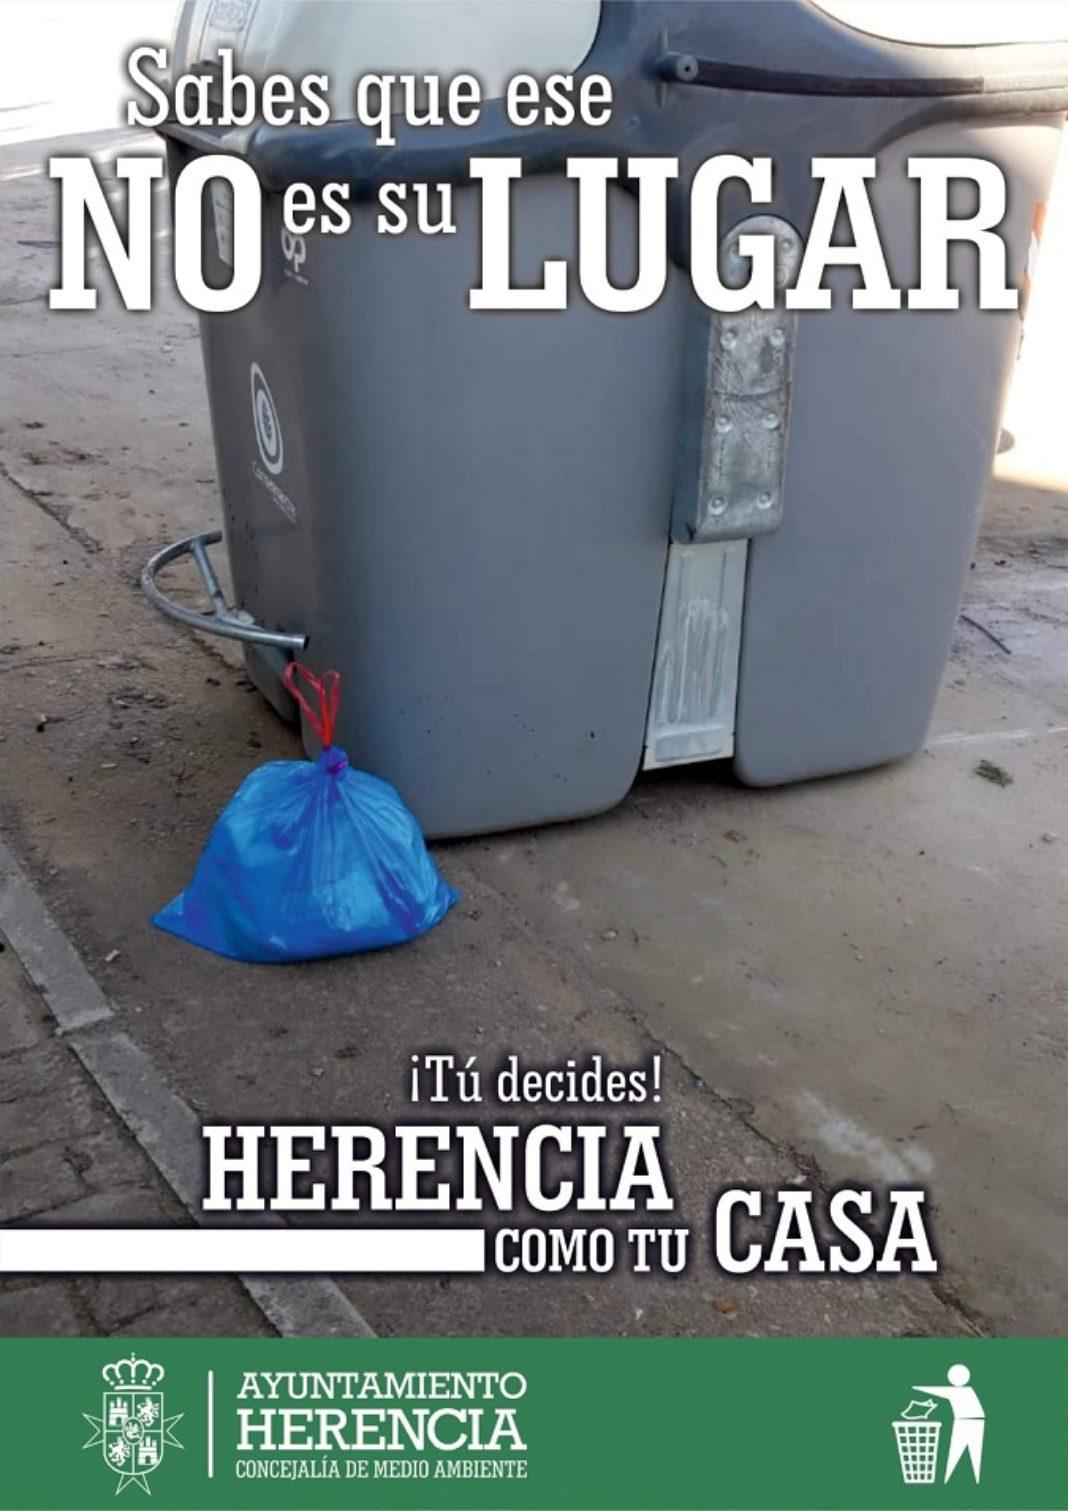 El Ayuntamiento lanza una campaña para implicar a la ciudadanía en la limpieza del municipio 4